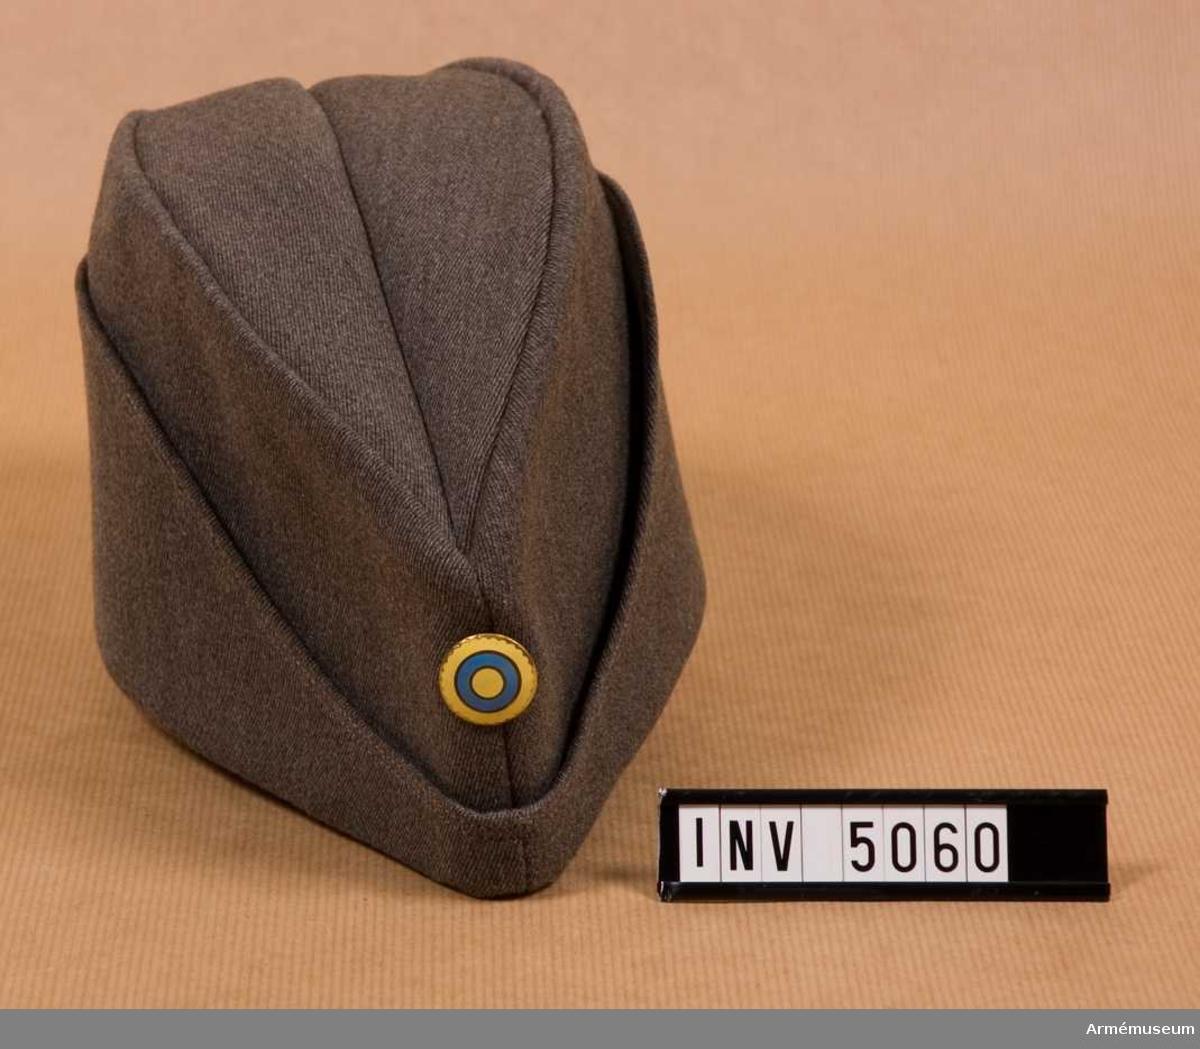 Tillverkad av gråbrungrön yllediagonalkläde i överensstämmelse med fältmössa m/1939 men något högre än denna. Uppslagen något annorlunda utformade och till skillnad mot färtmössans uppslag har denna två kantstickningar. Mössan är fodrad med ett grått foder och har svettrem av grå bomullstwills.Märkning: 56 ÖSB ( = Örebro Sport & Bil, 56 avser storlek)  Paris 8 .